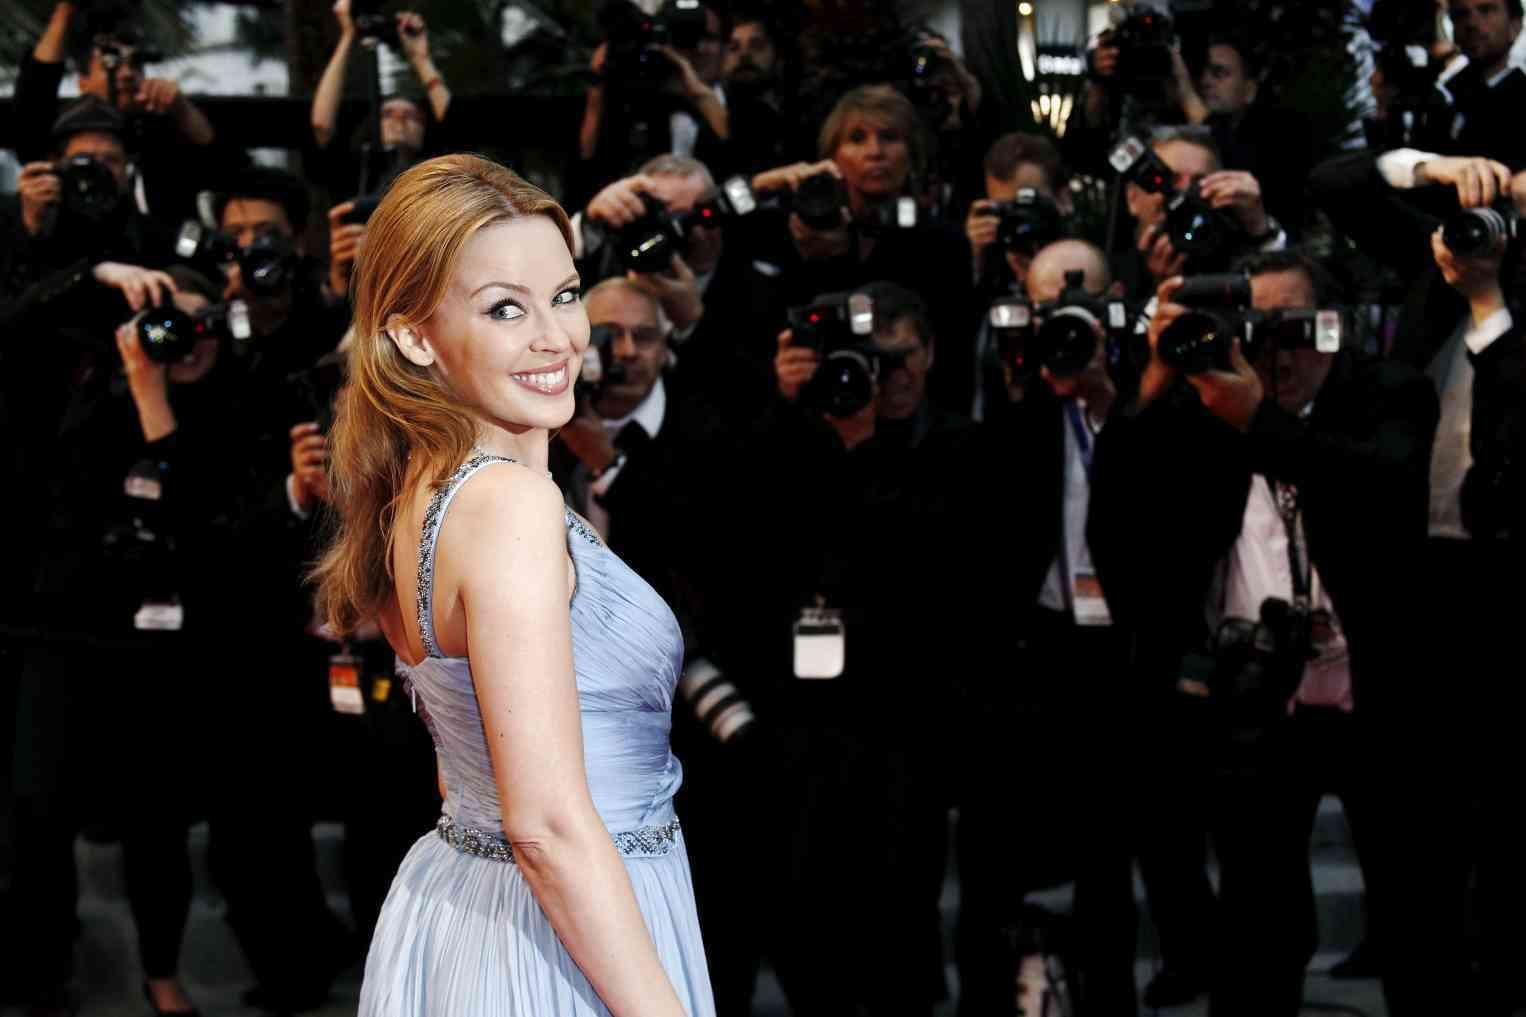 El culo de Jennifer López podría ser asegurado por 5 millones de euros, si ella quisiera 2